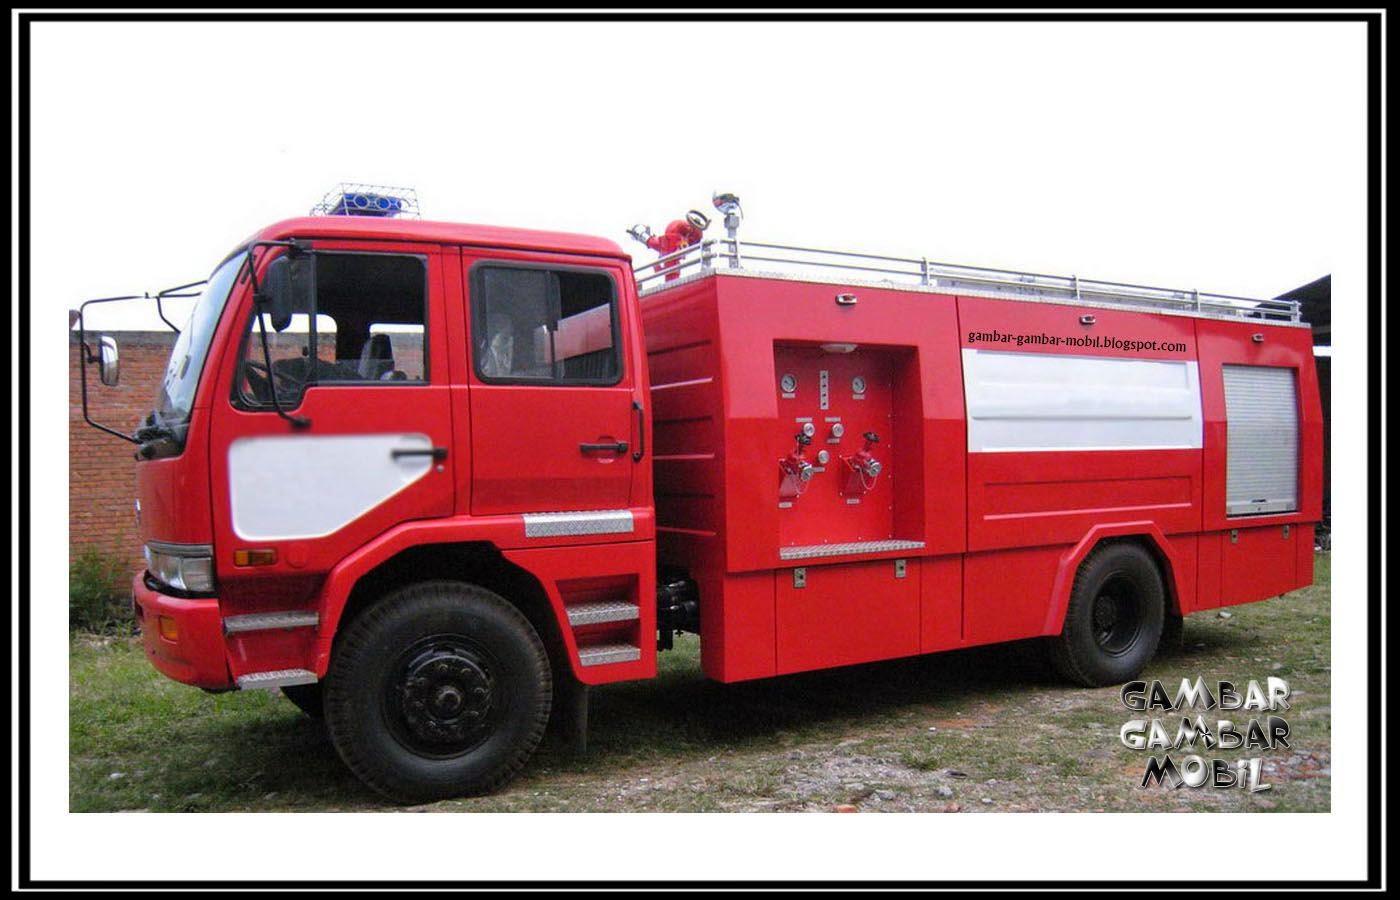 Gambar mobil pemadam kebakaran Pemadam kebakaran, Mobil